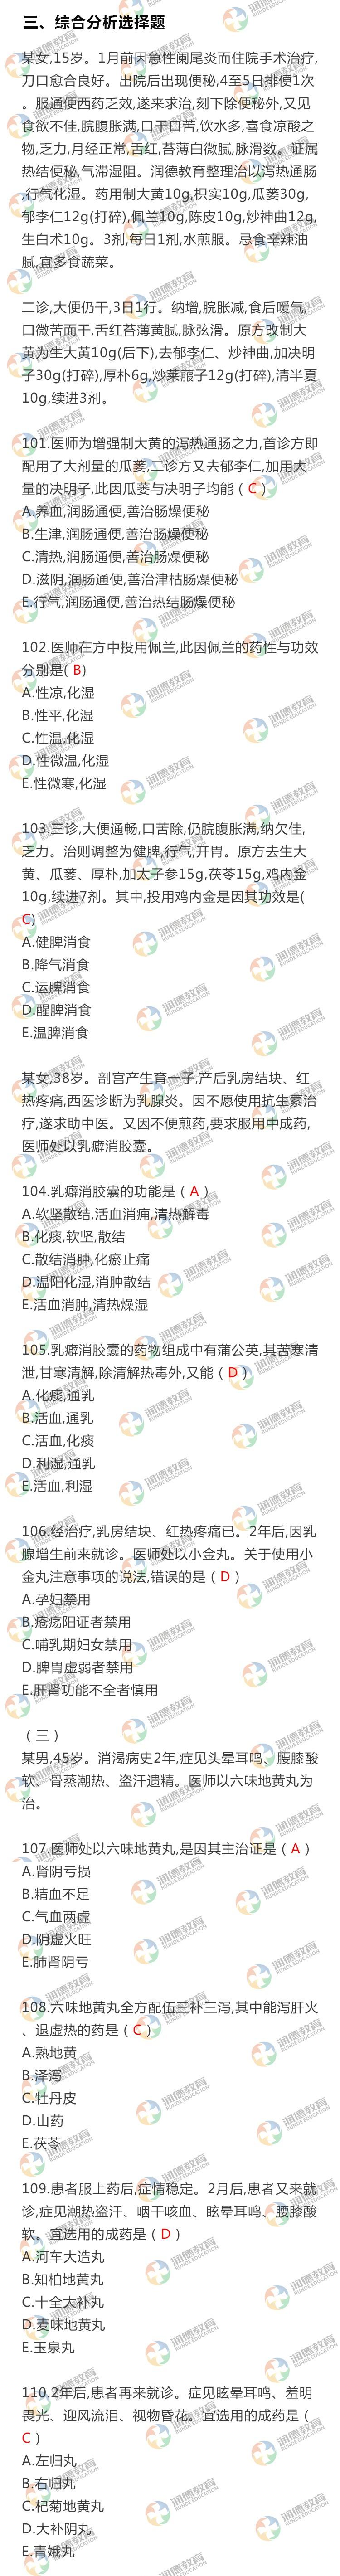 中药二101-110.jpg